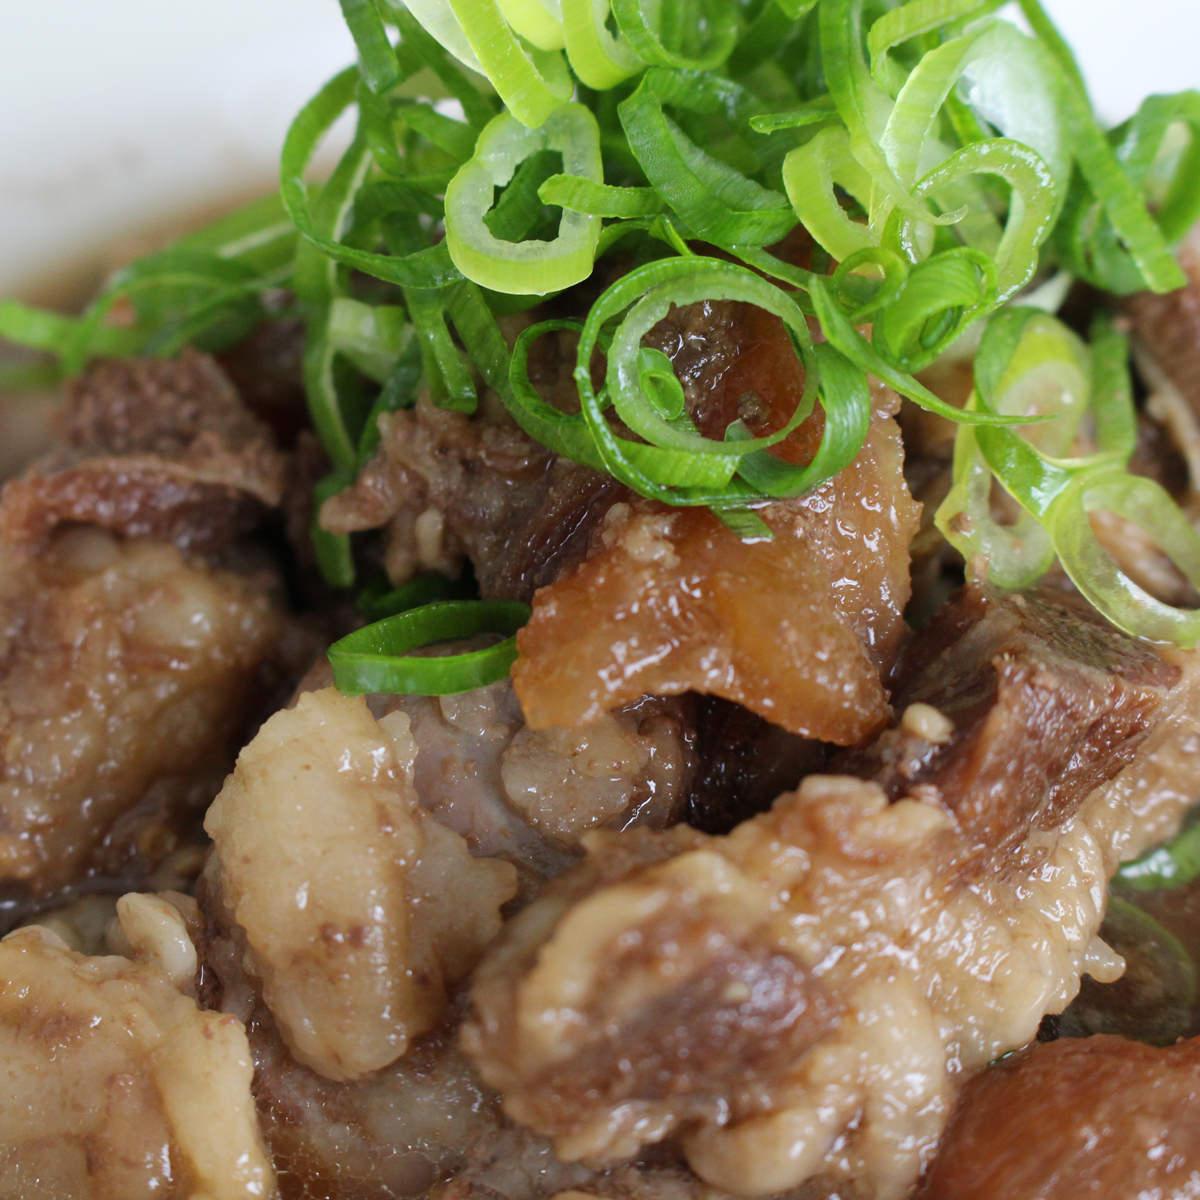 大阪の味ゆうぜん 国産牛すじ肉で職人がつくりあげた絶品 牛すじ煮込み〔150g×6〕